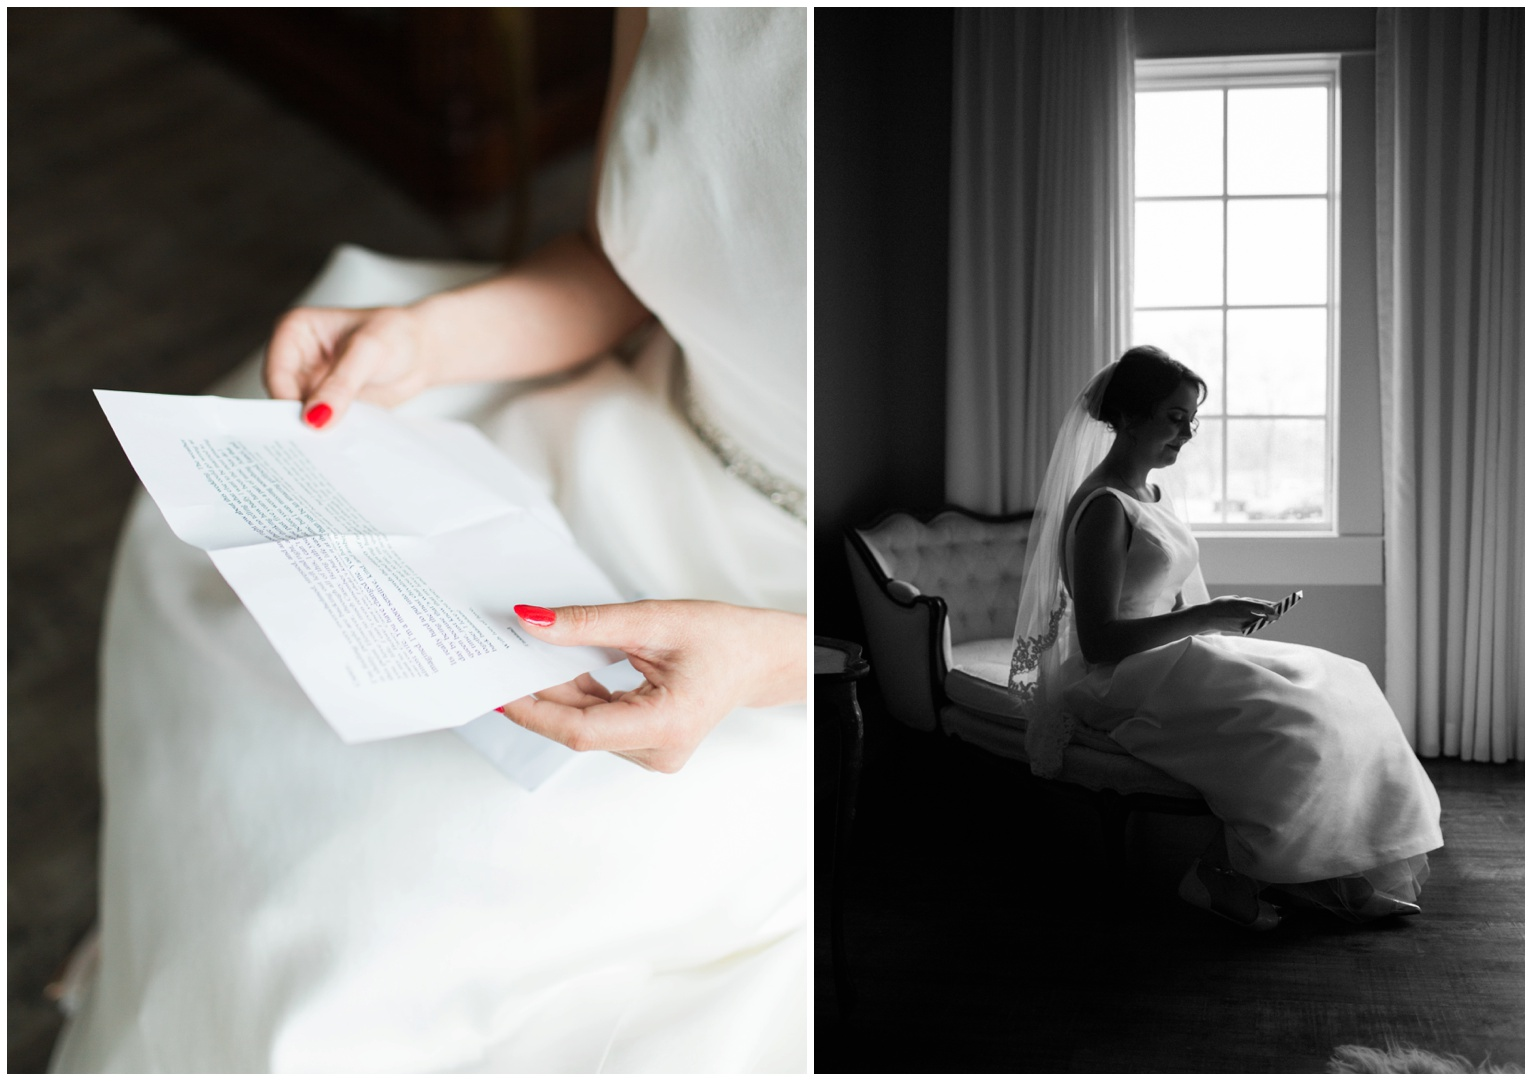 wedding photography st louis_lauren muckler photography_film photographer_film wedding_0009.jpg